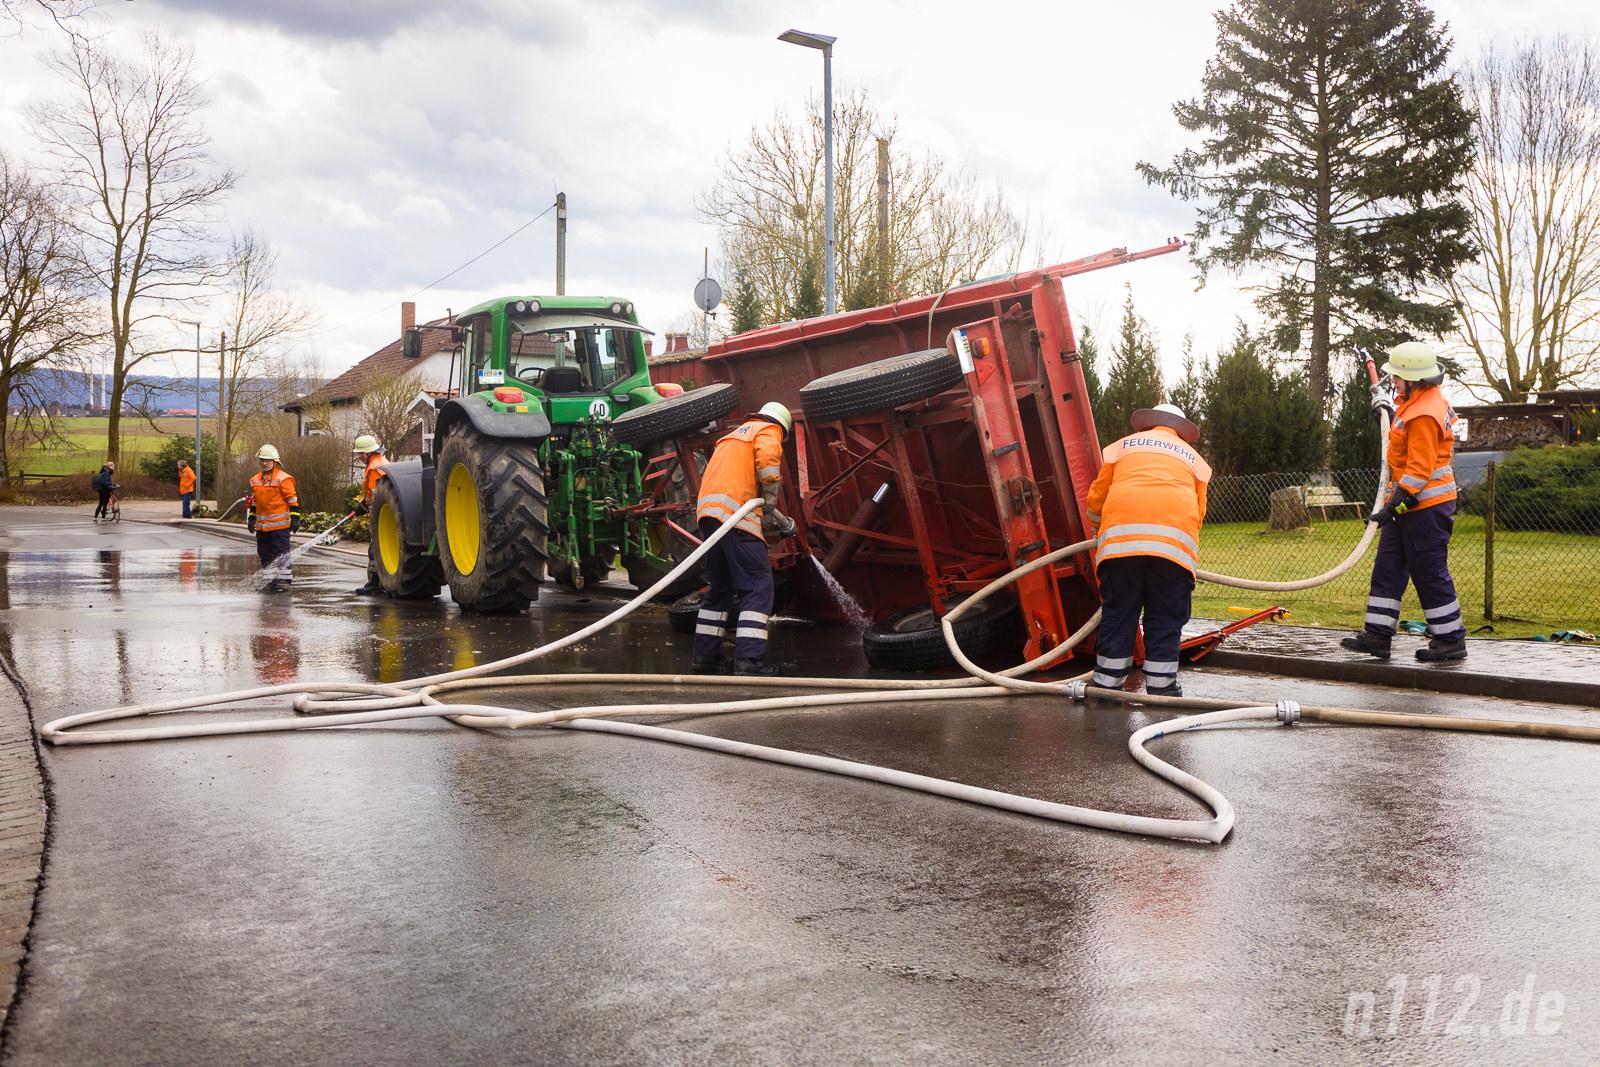 Der umgestürzte Anhänger wird von der Feuerwehr mit Wasser gereinigt (Alle Fotos: n112.de/Stefan Simonsen)